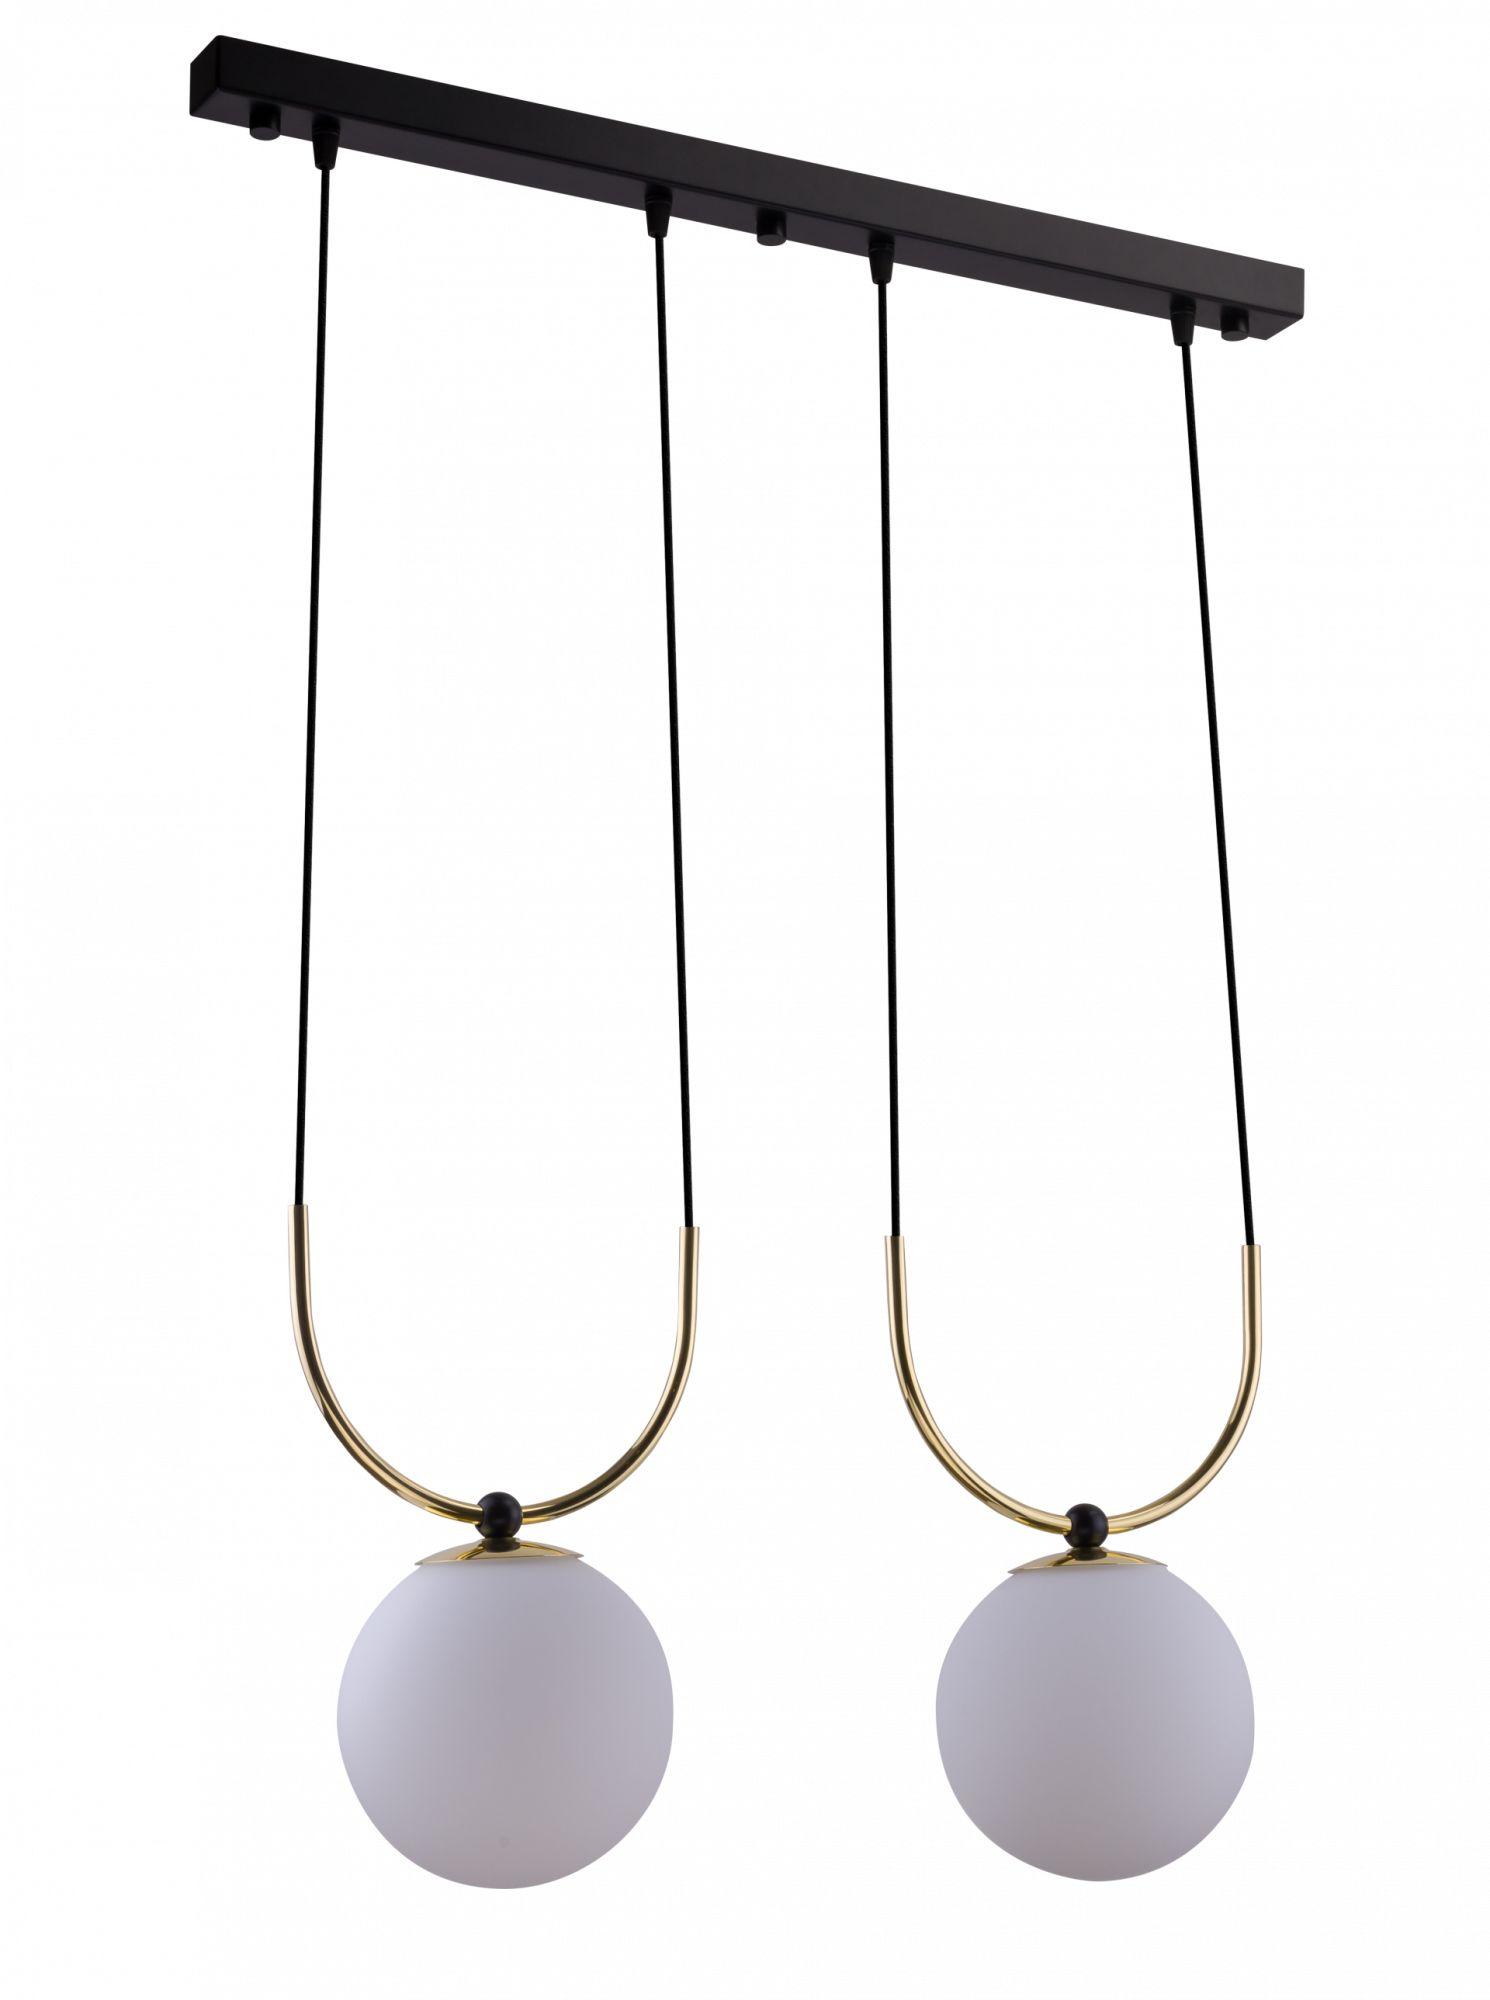 Lampa wisząca Balos 2 Amplex podwójna oprawa w dekoracyjnym stylu